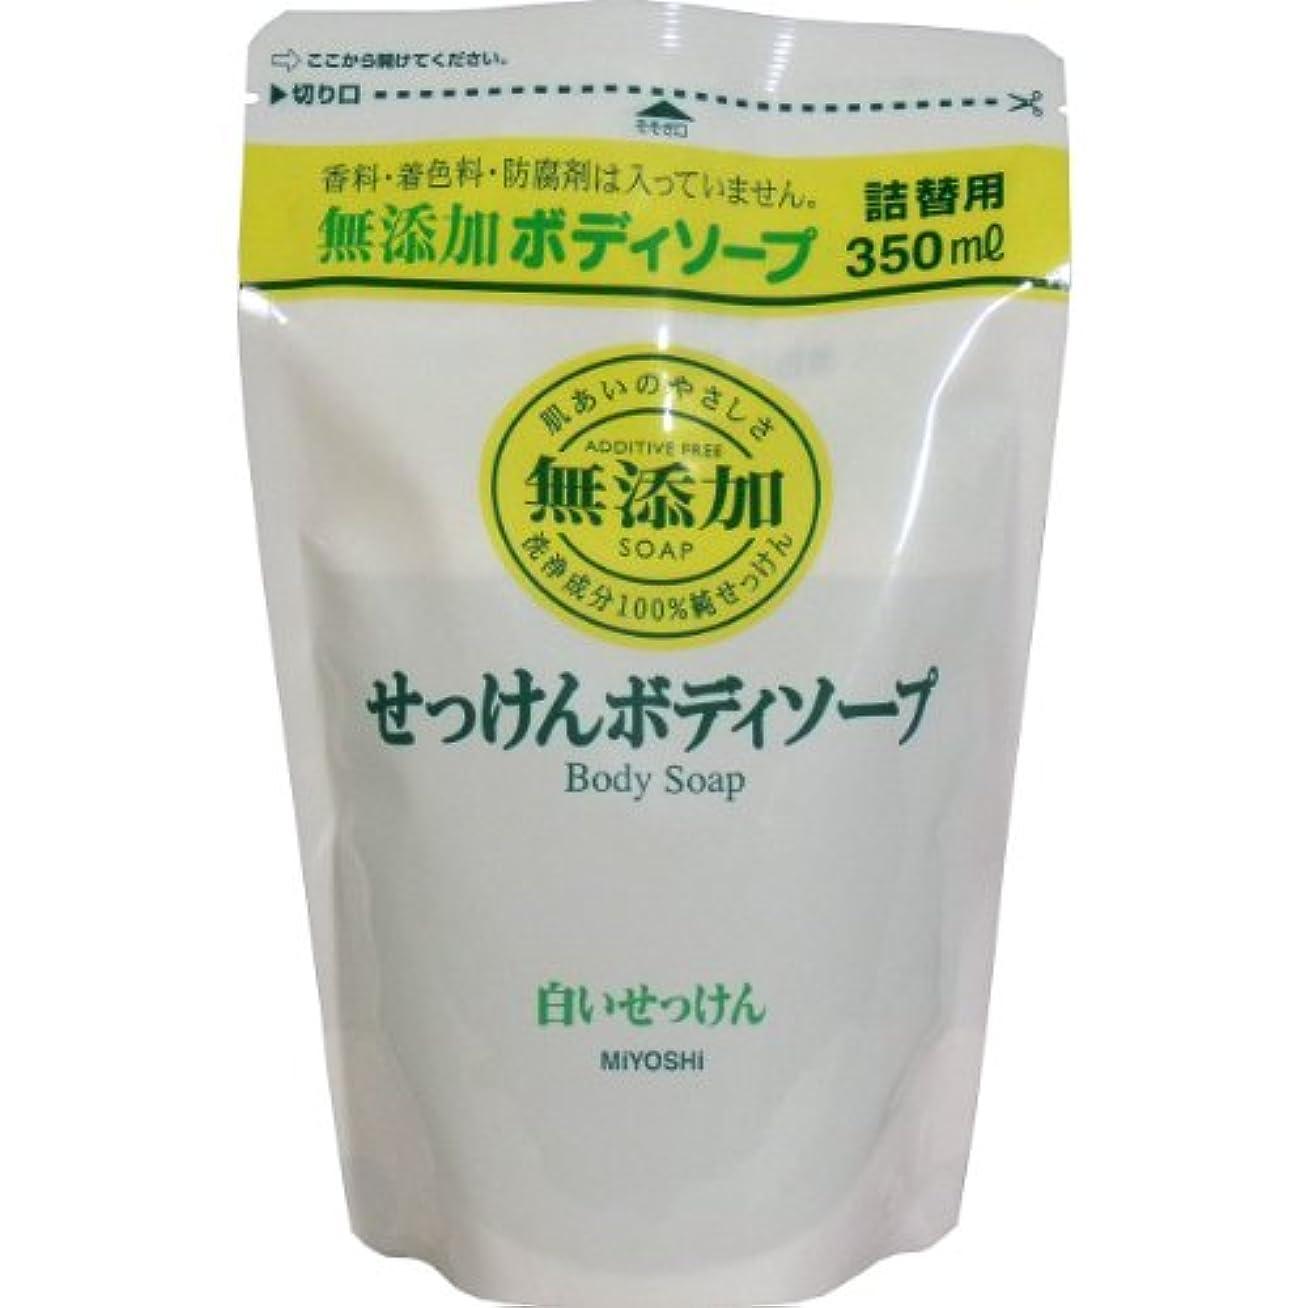 蘇生する密輸大統領ミヨシ石鹸 無添加 ボディソープ 白い石けん つめかえ用 350ml×20個セット(無添加石鹸)